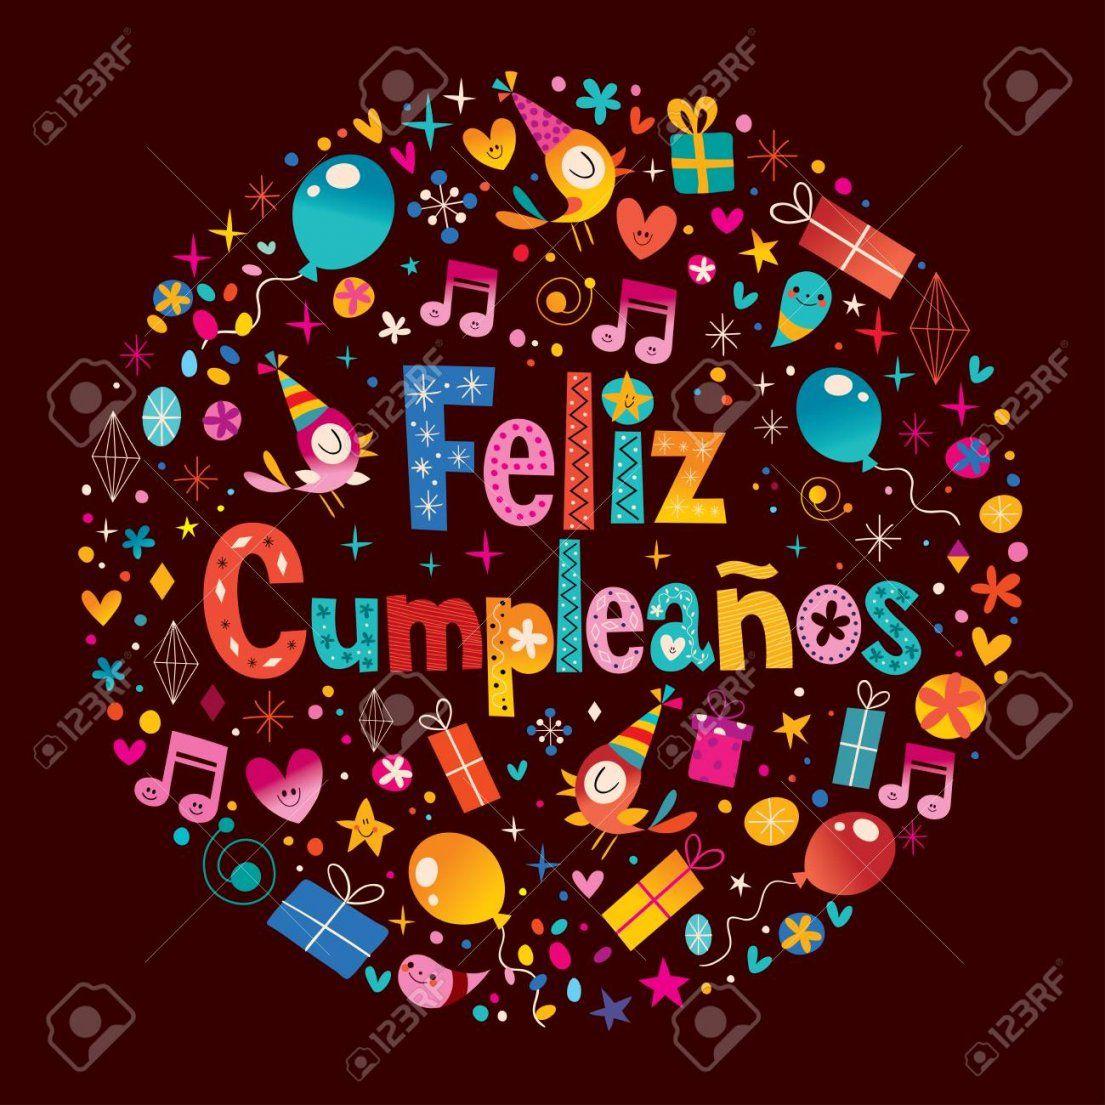 Feliz Cumpleanos  Alles Gute Zum Geburtstag Auf Spanisch Grußkarte von Alles Gute Auf Spanisch Photo